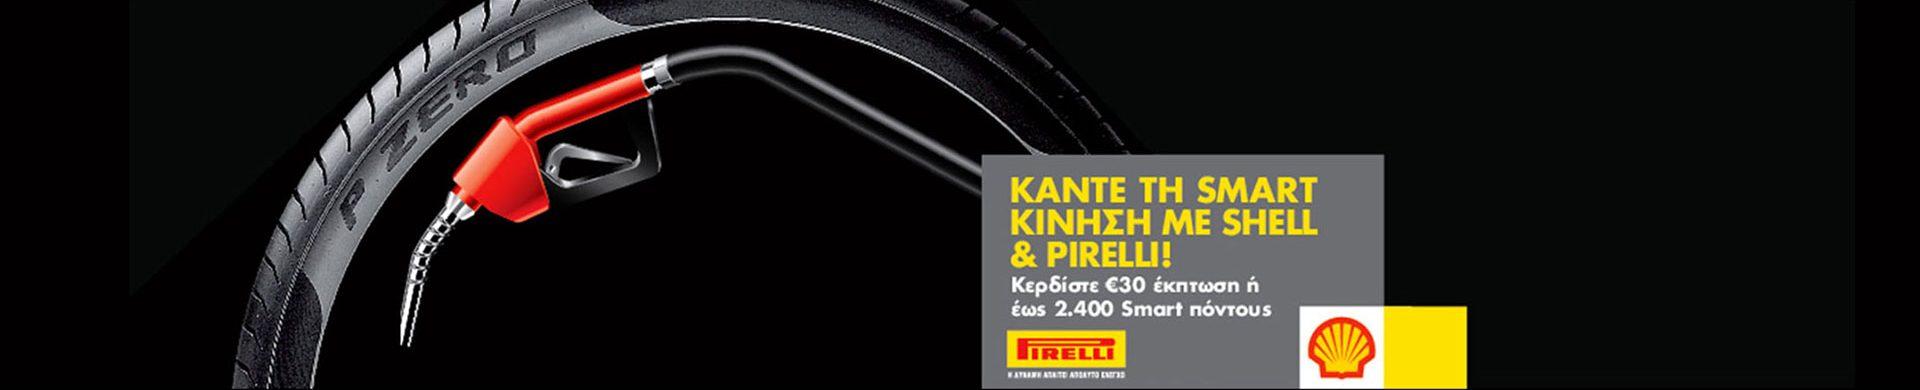 Κάνετε την smart κίνηση με Shell & Pirelli